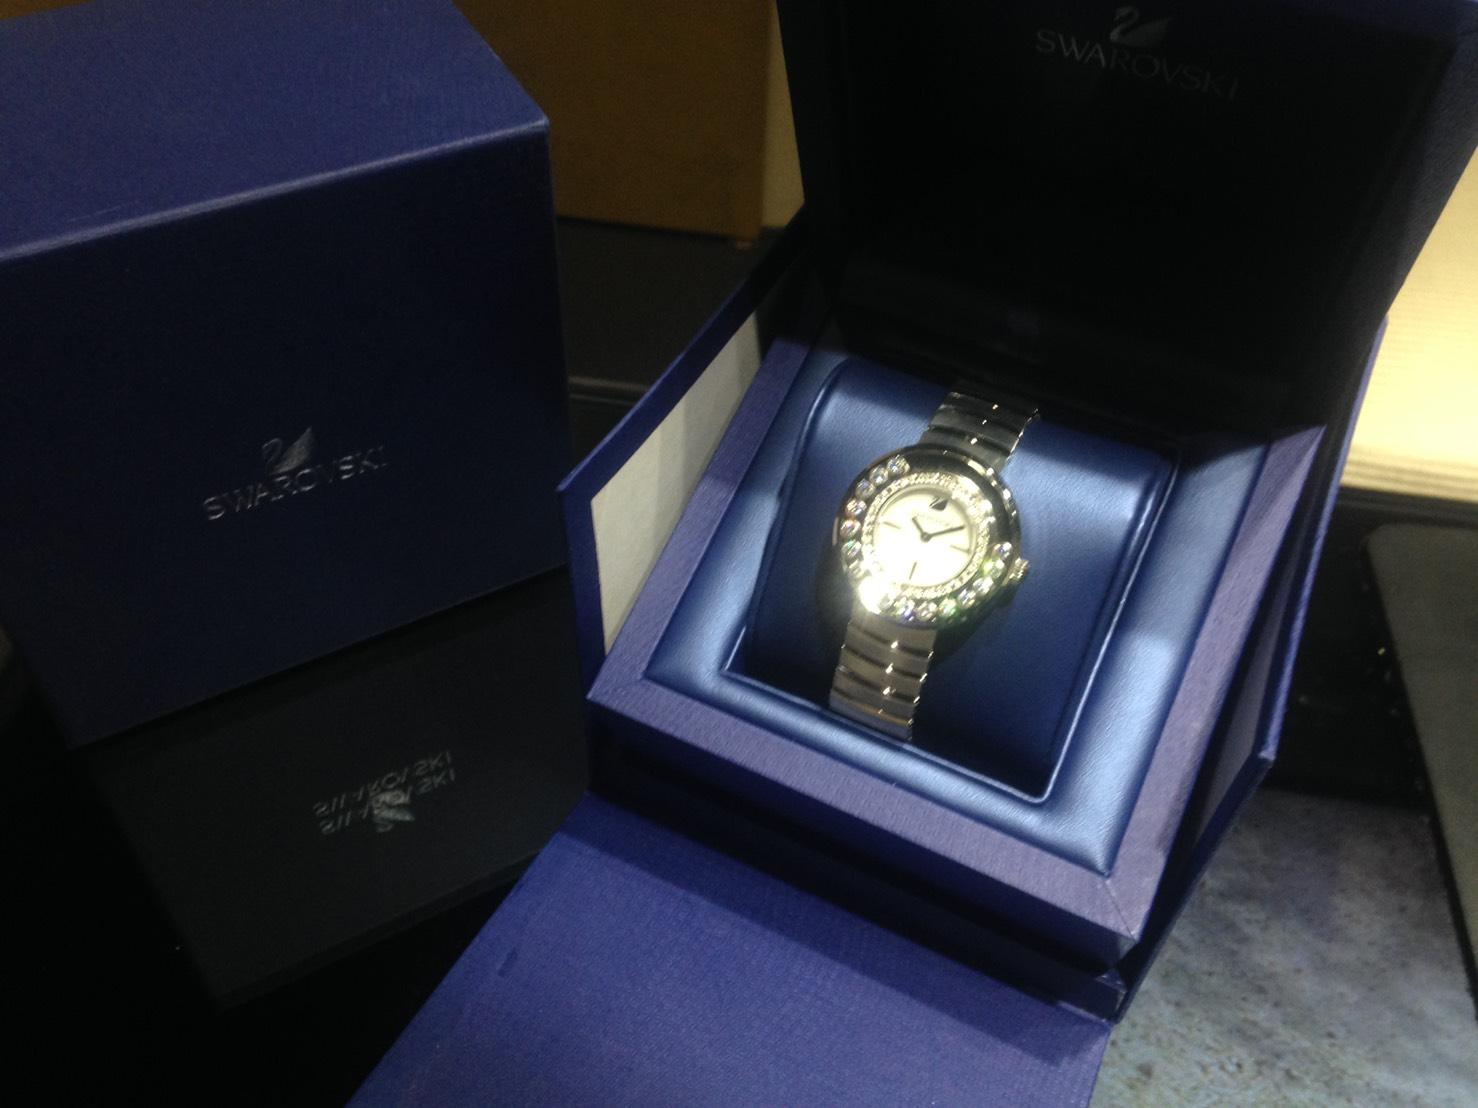 スワロフスキー レディース時計 高価買取